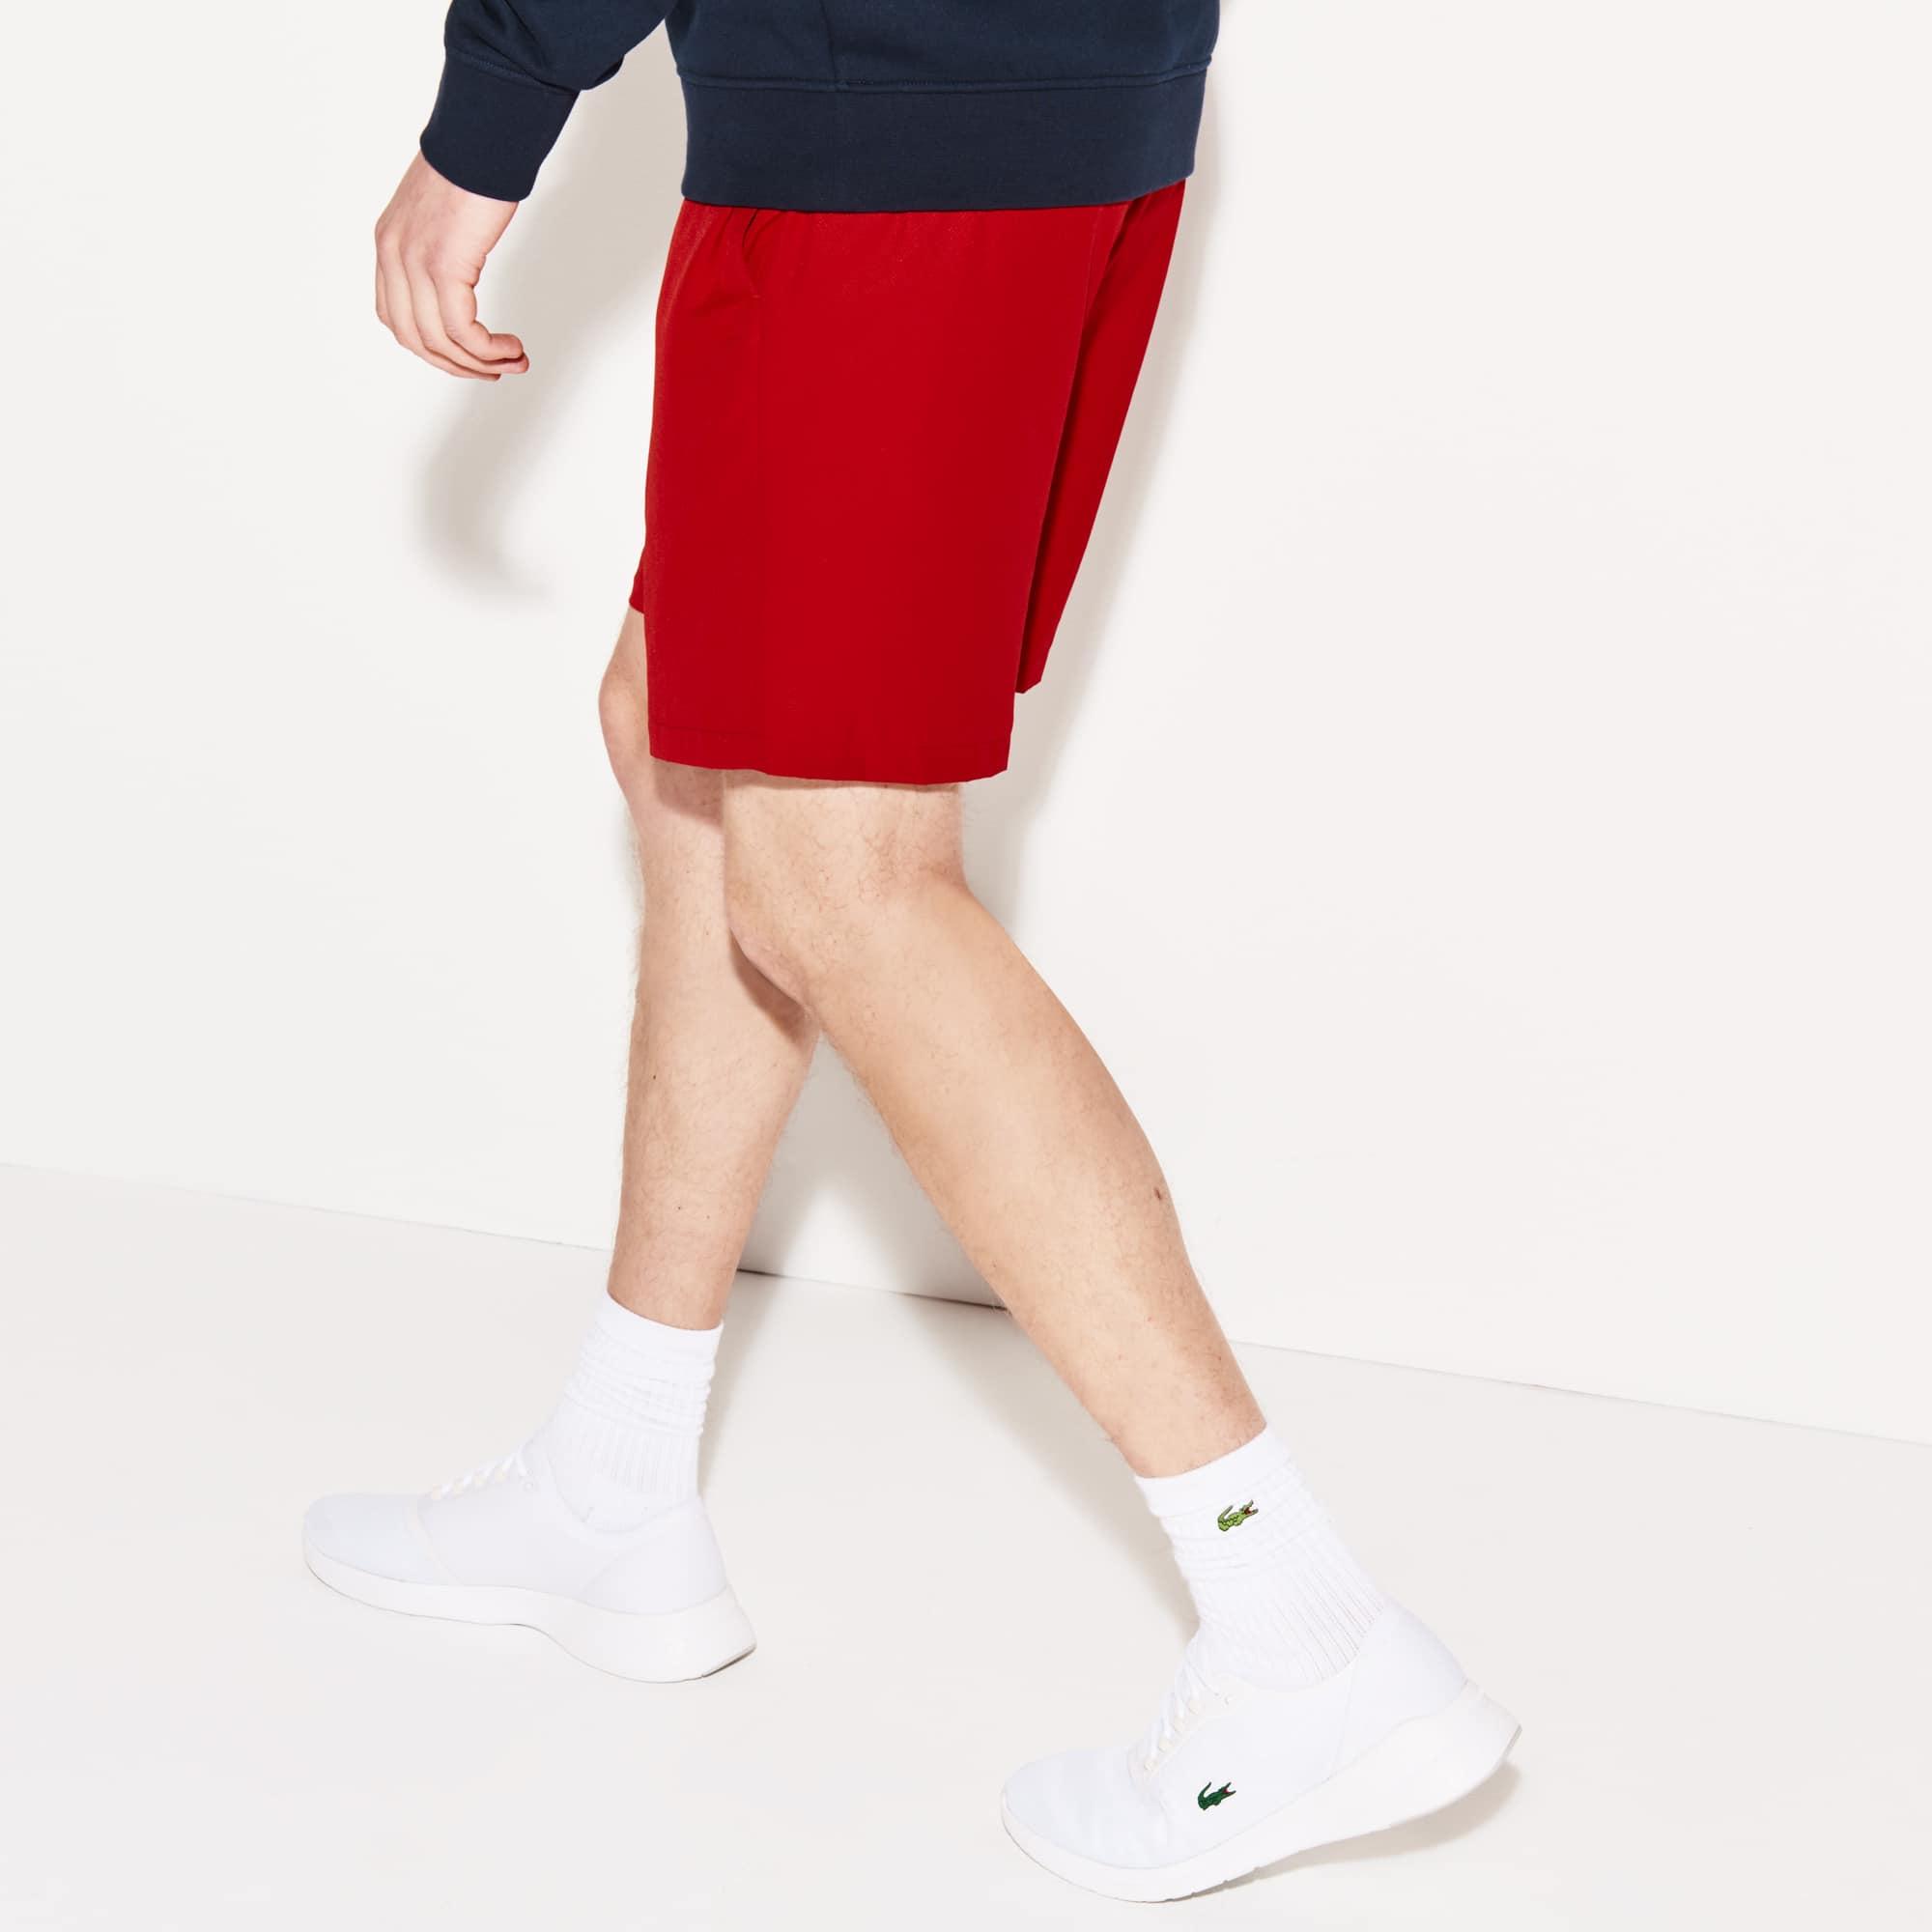 b442a48cf95c6 Lacoste - Men s Lacoste SPORT tennis shorts in solid diamond weave taffeta  - 2